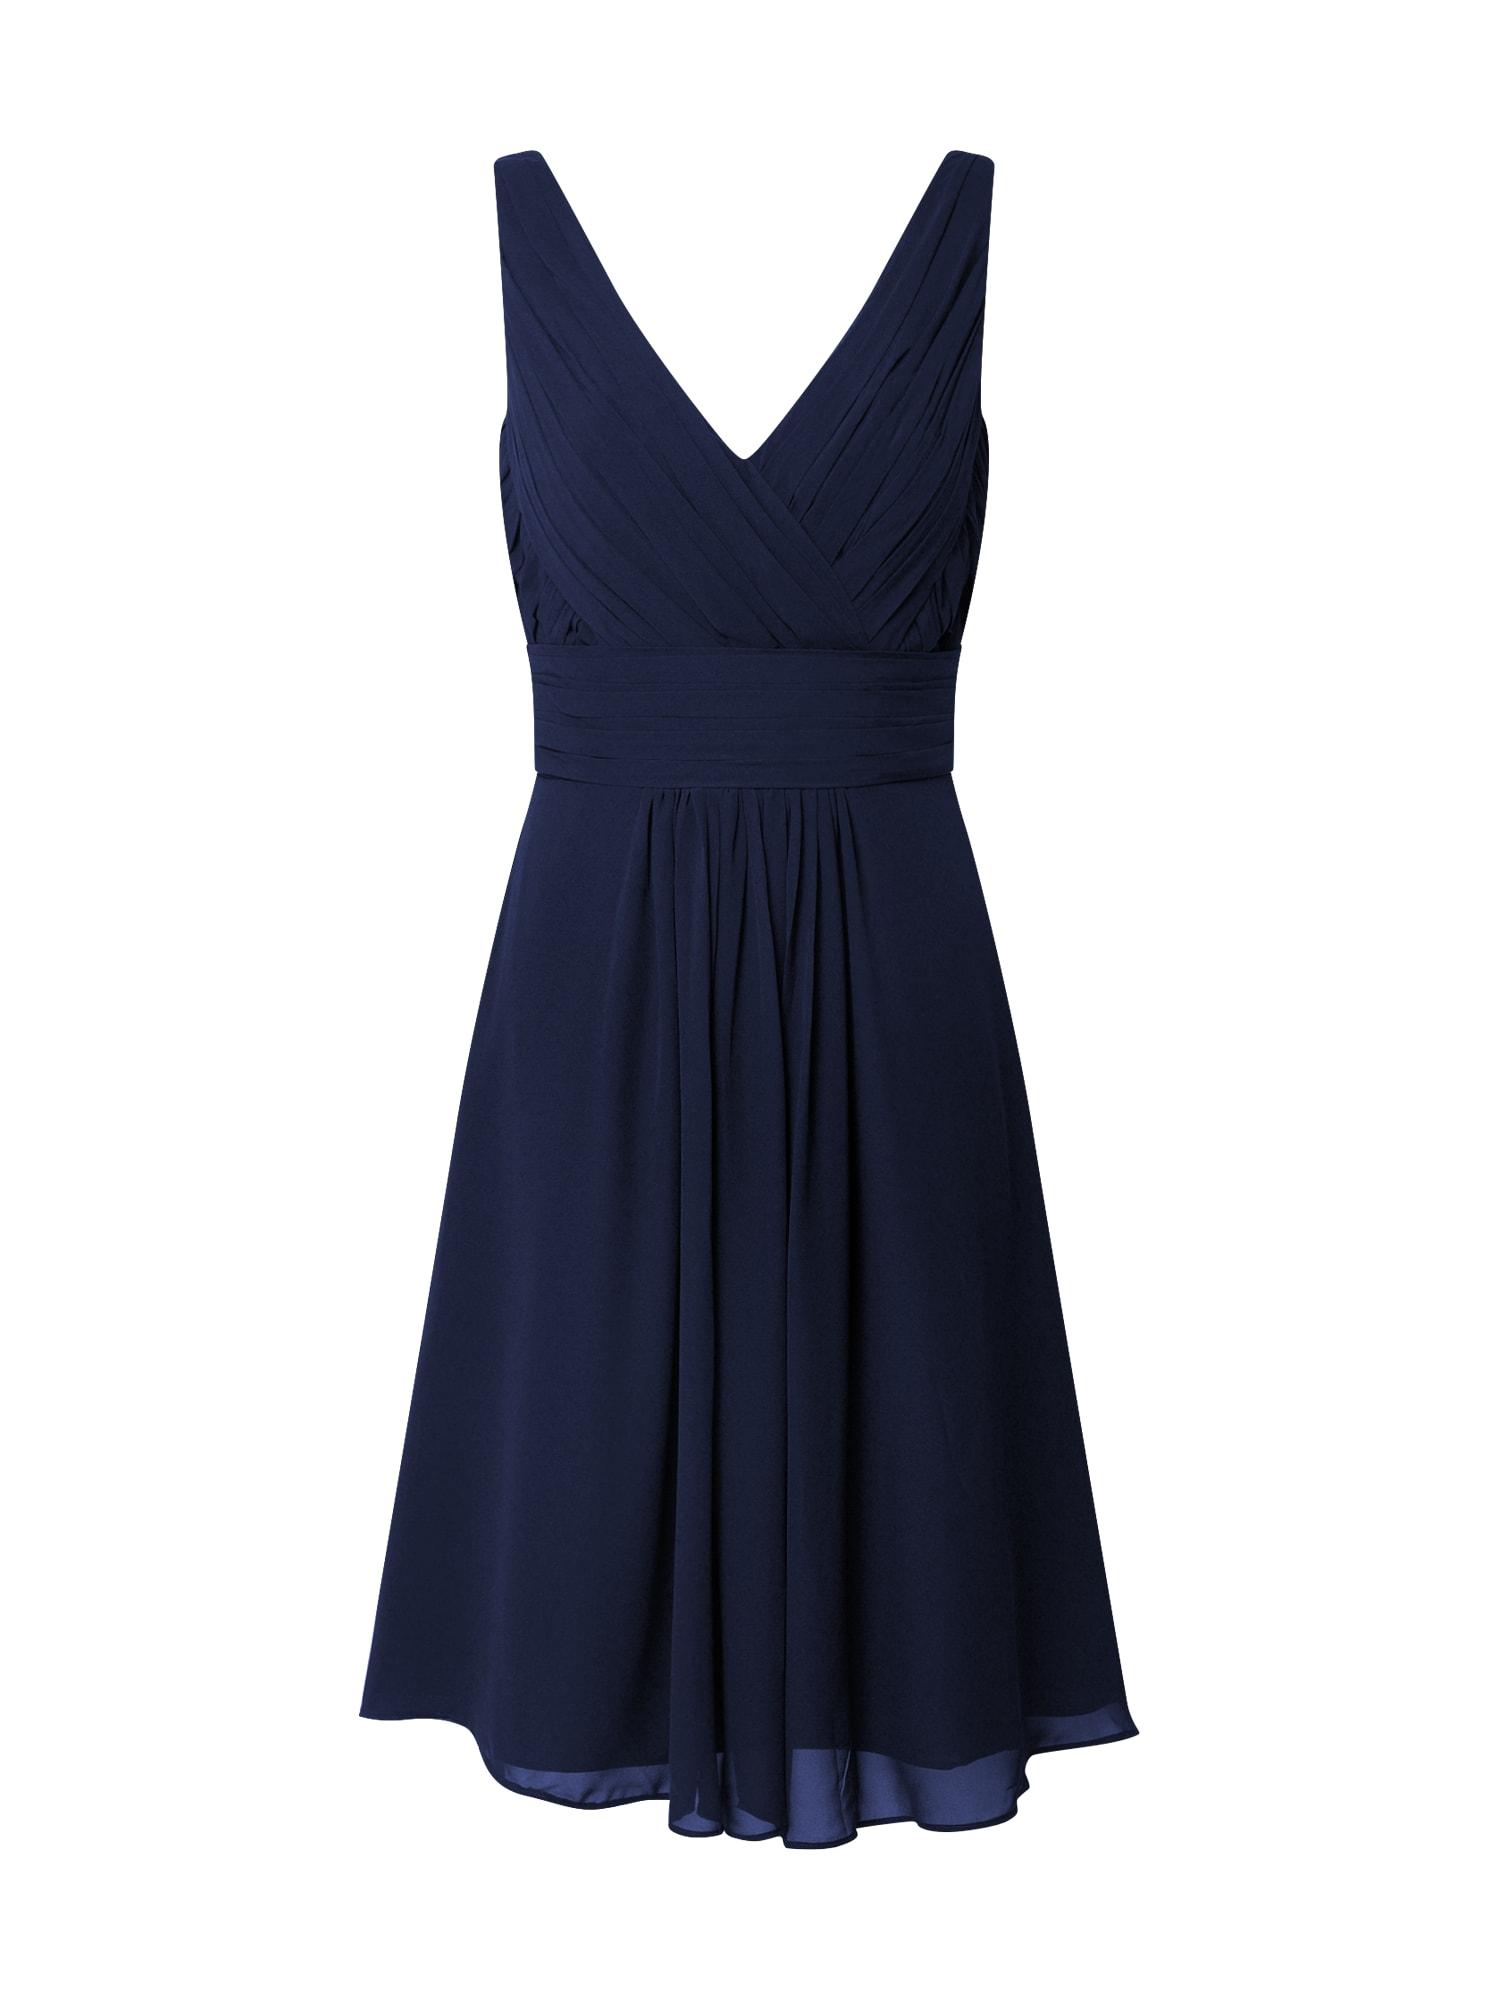 STAR NIGHT Suknelė tamsiai mėlyna